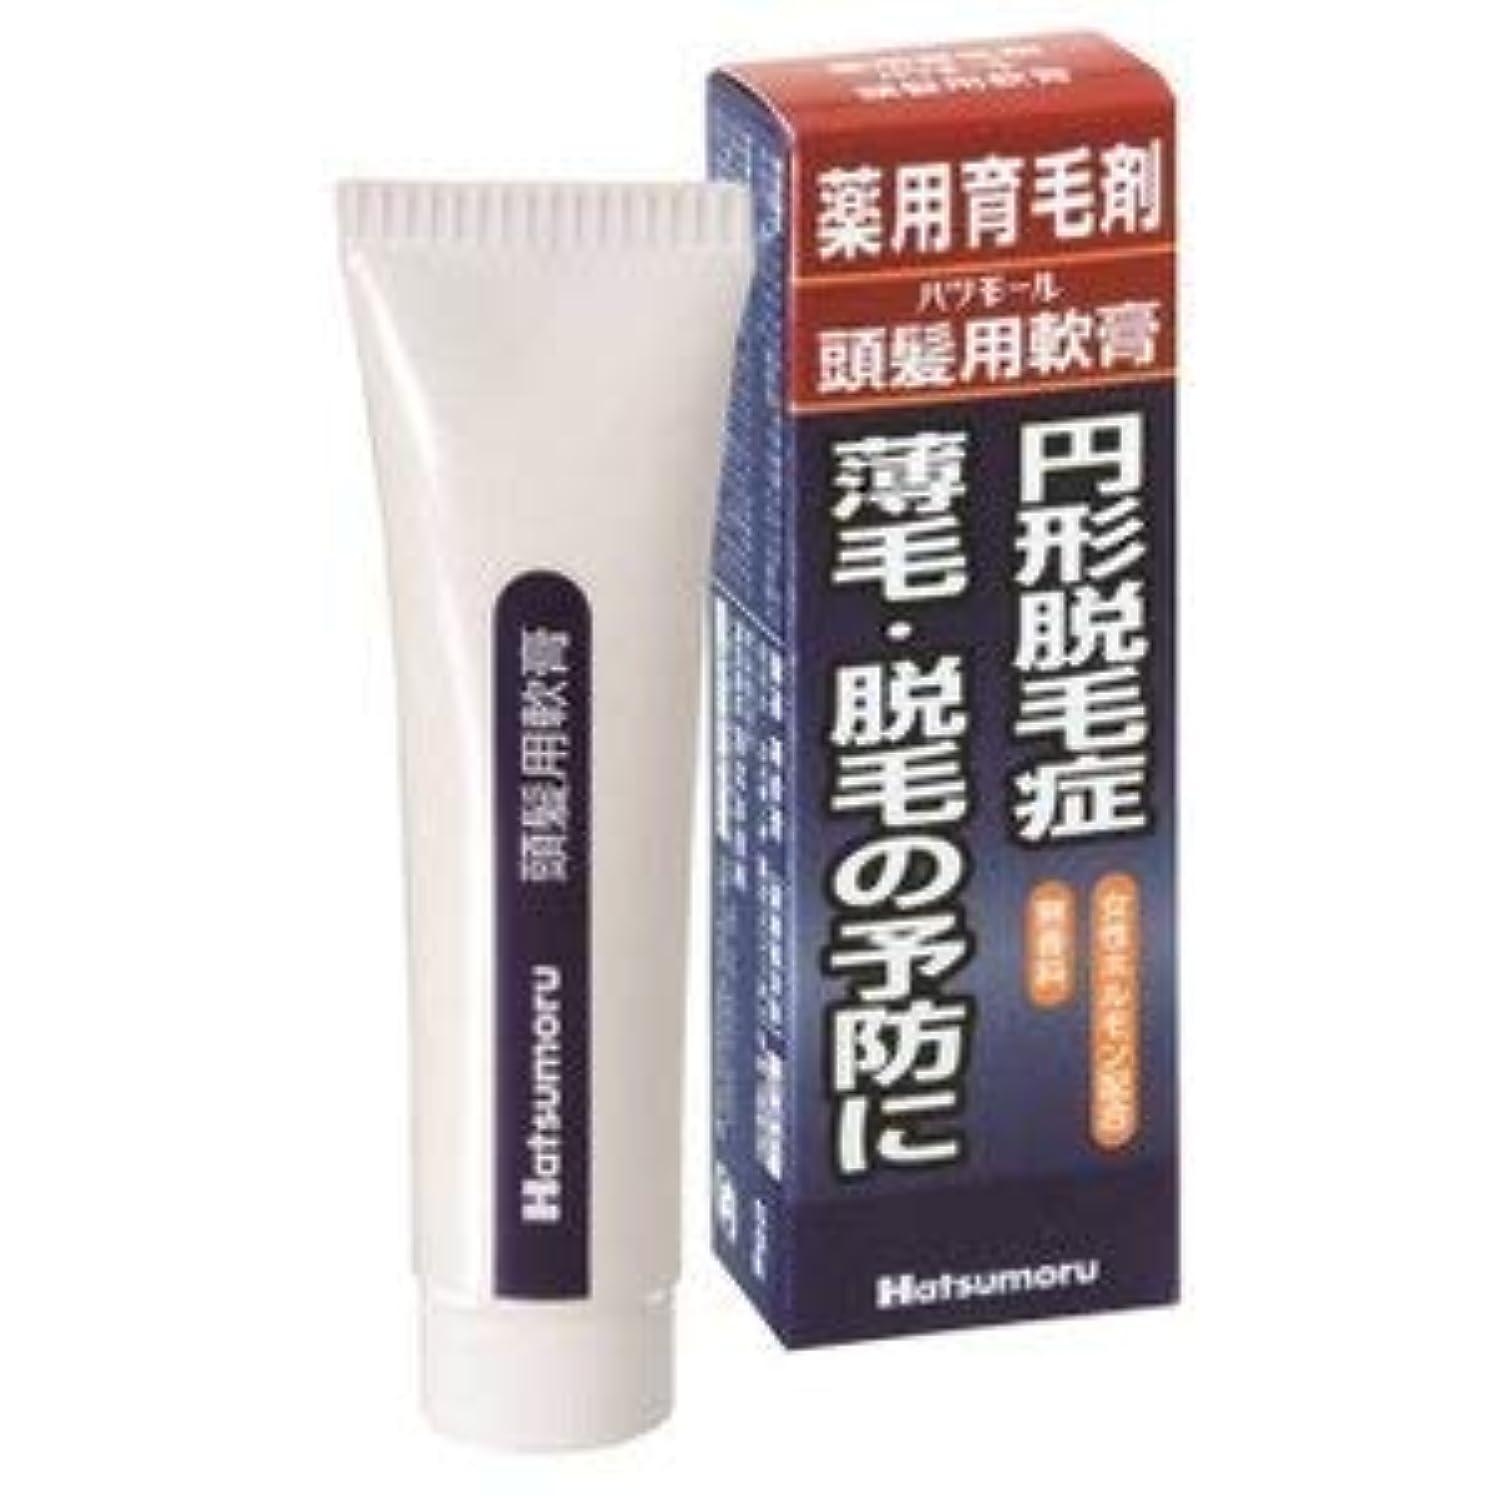 フォージセント暖かさ【 田村治照堂】ハツモール 頭髪用軟膏 25g×3個セット